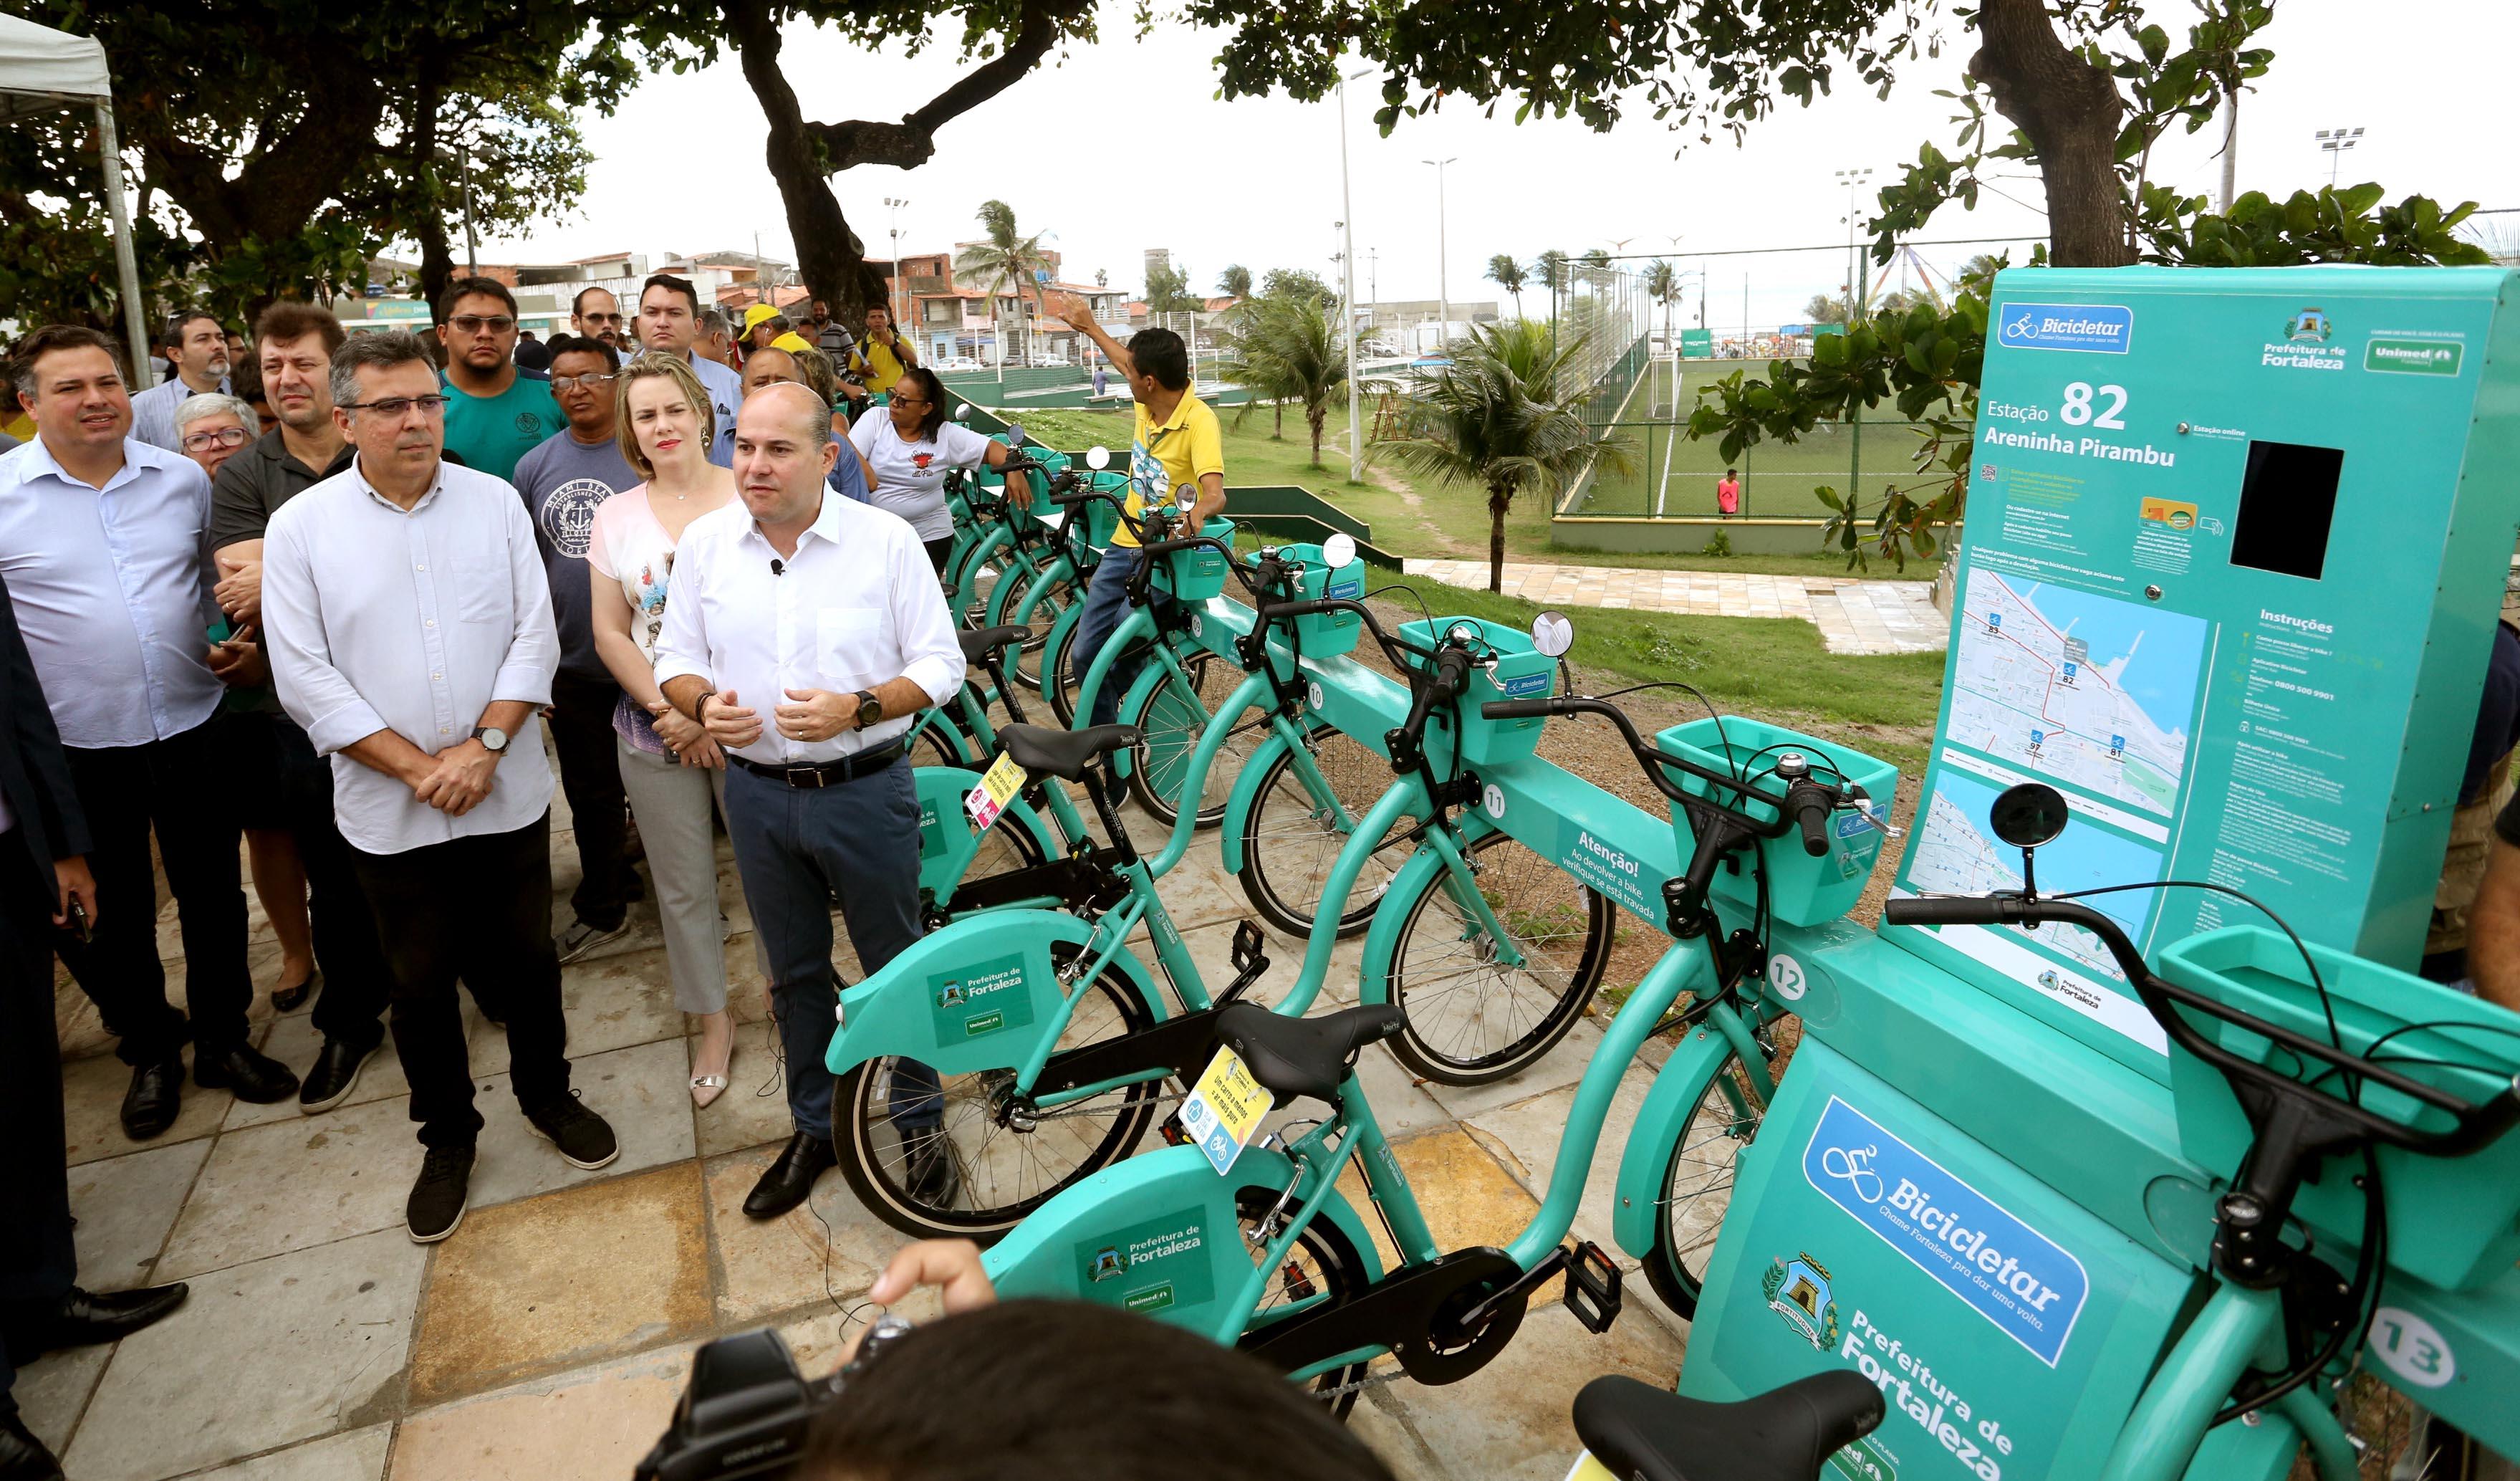 Roberto Claudio pisa no acelerador e garante 210 estações do Bicicletar até o final da gestão